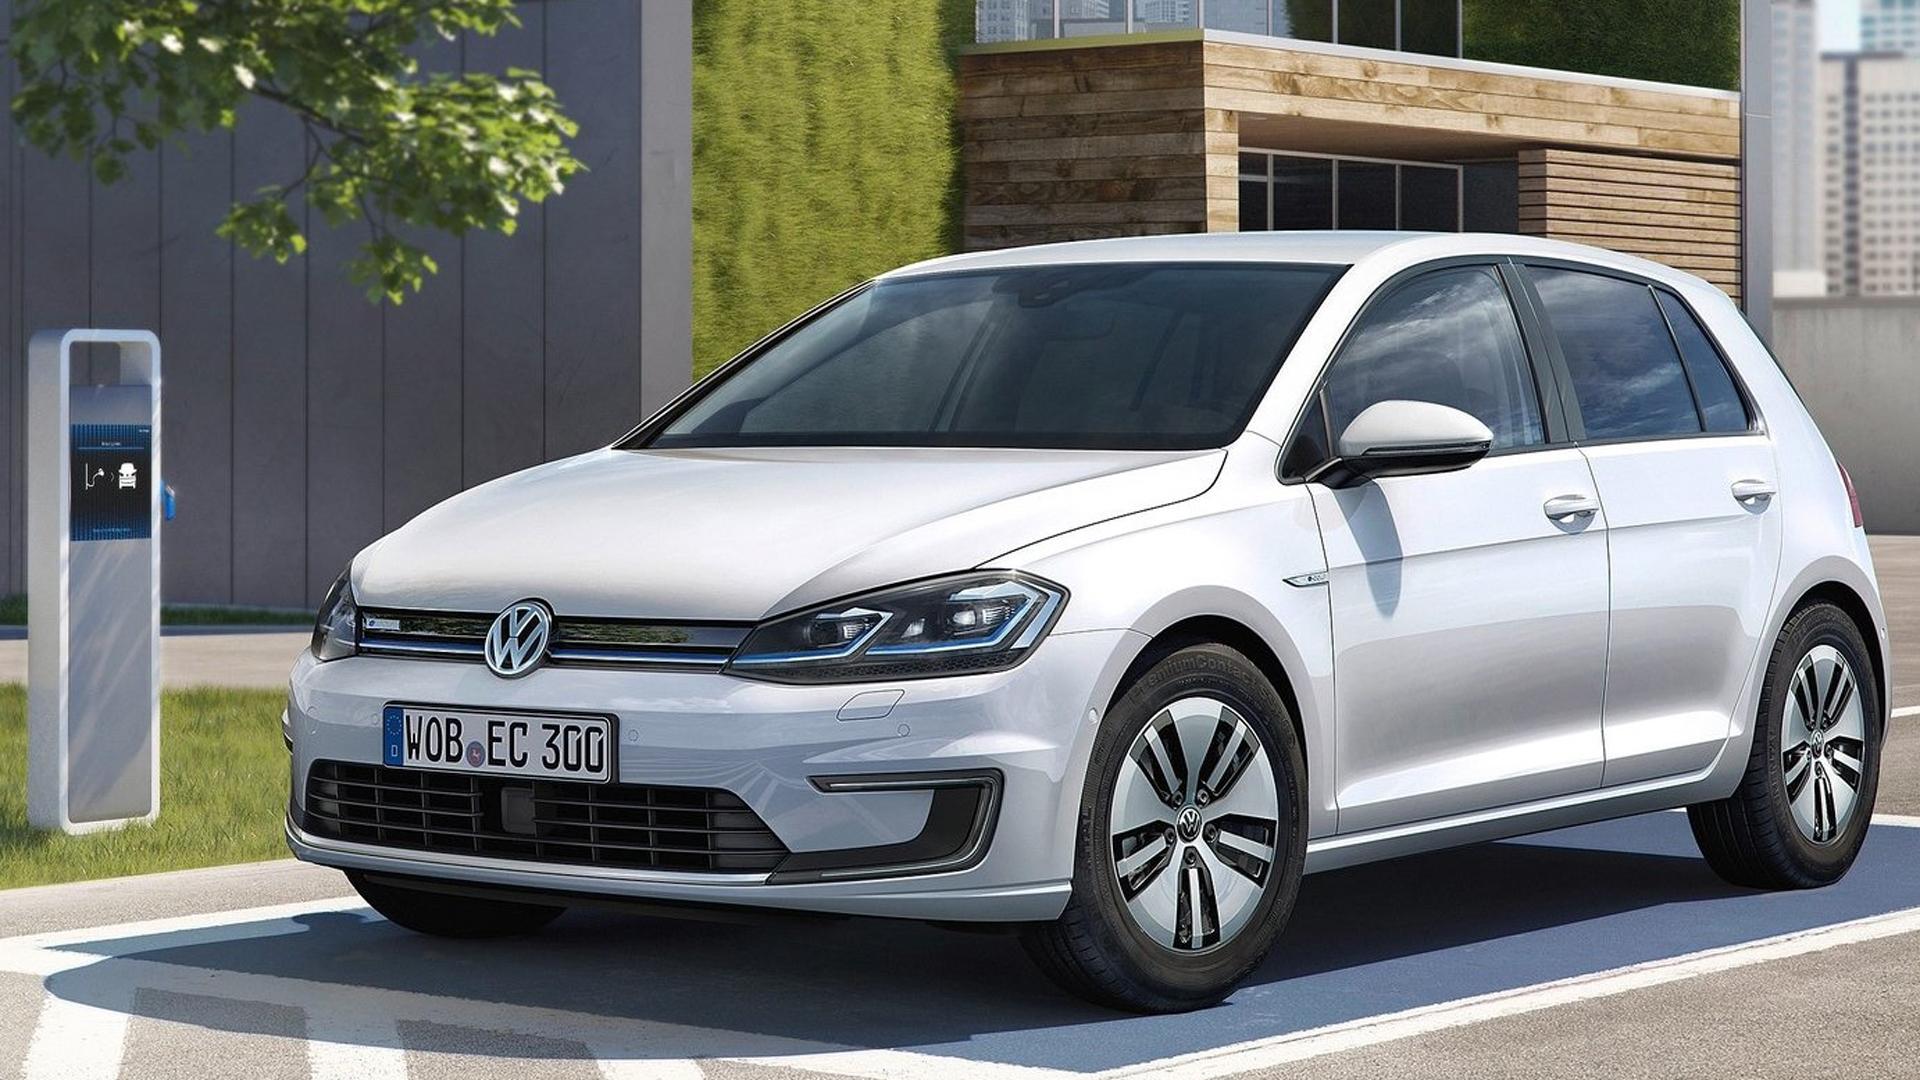 El Volkswagen eGolf es otro de los modelos que se venden y tiene buena aceptación entre el público.